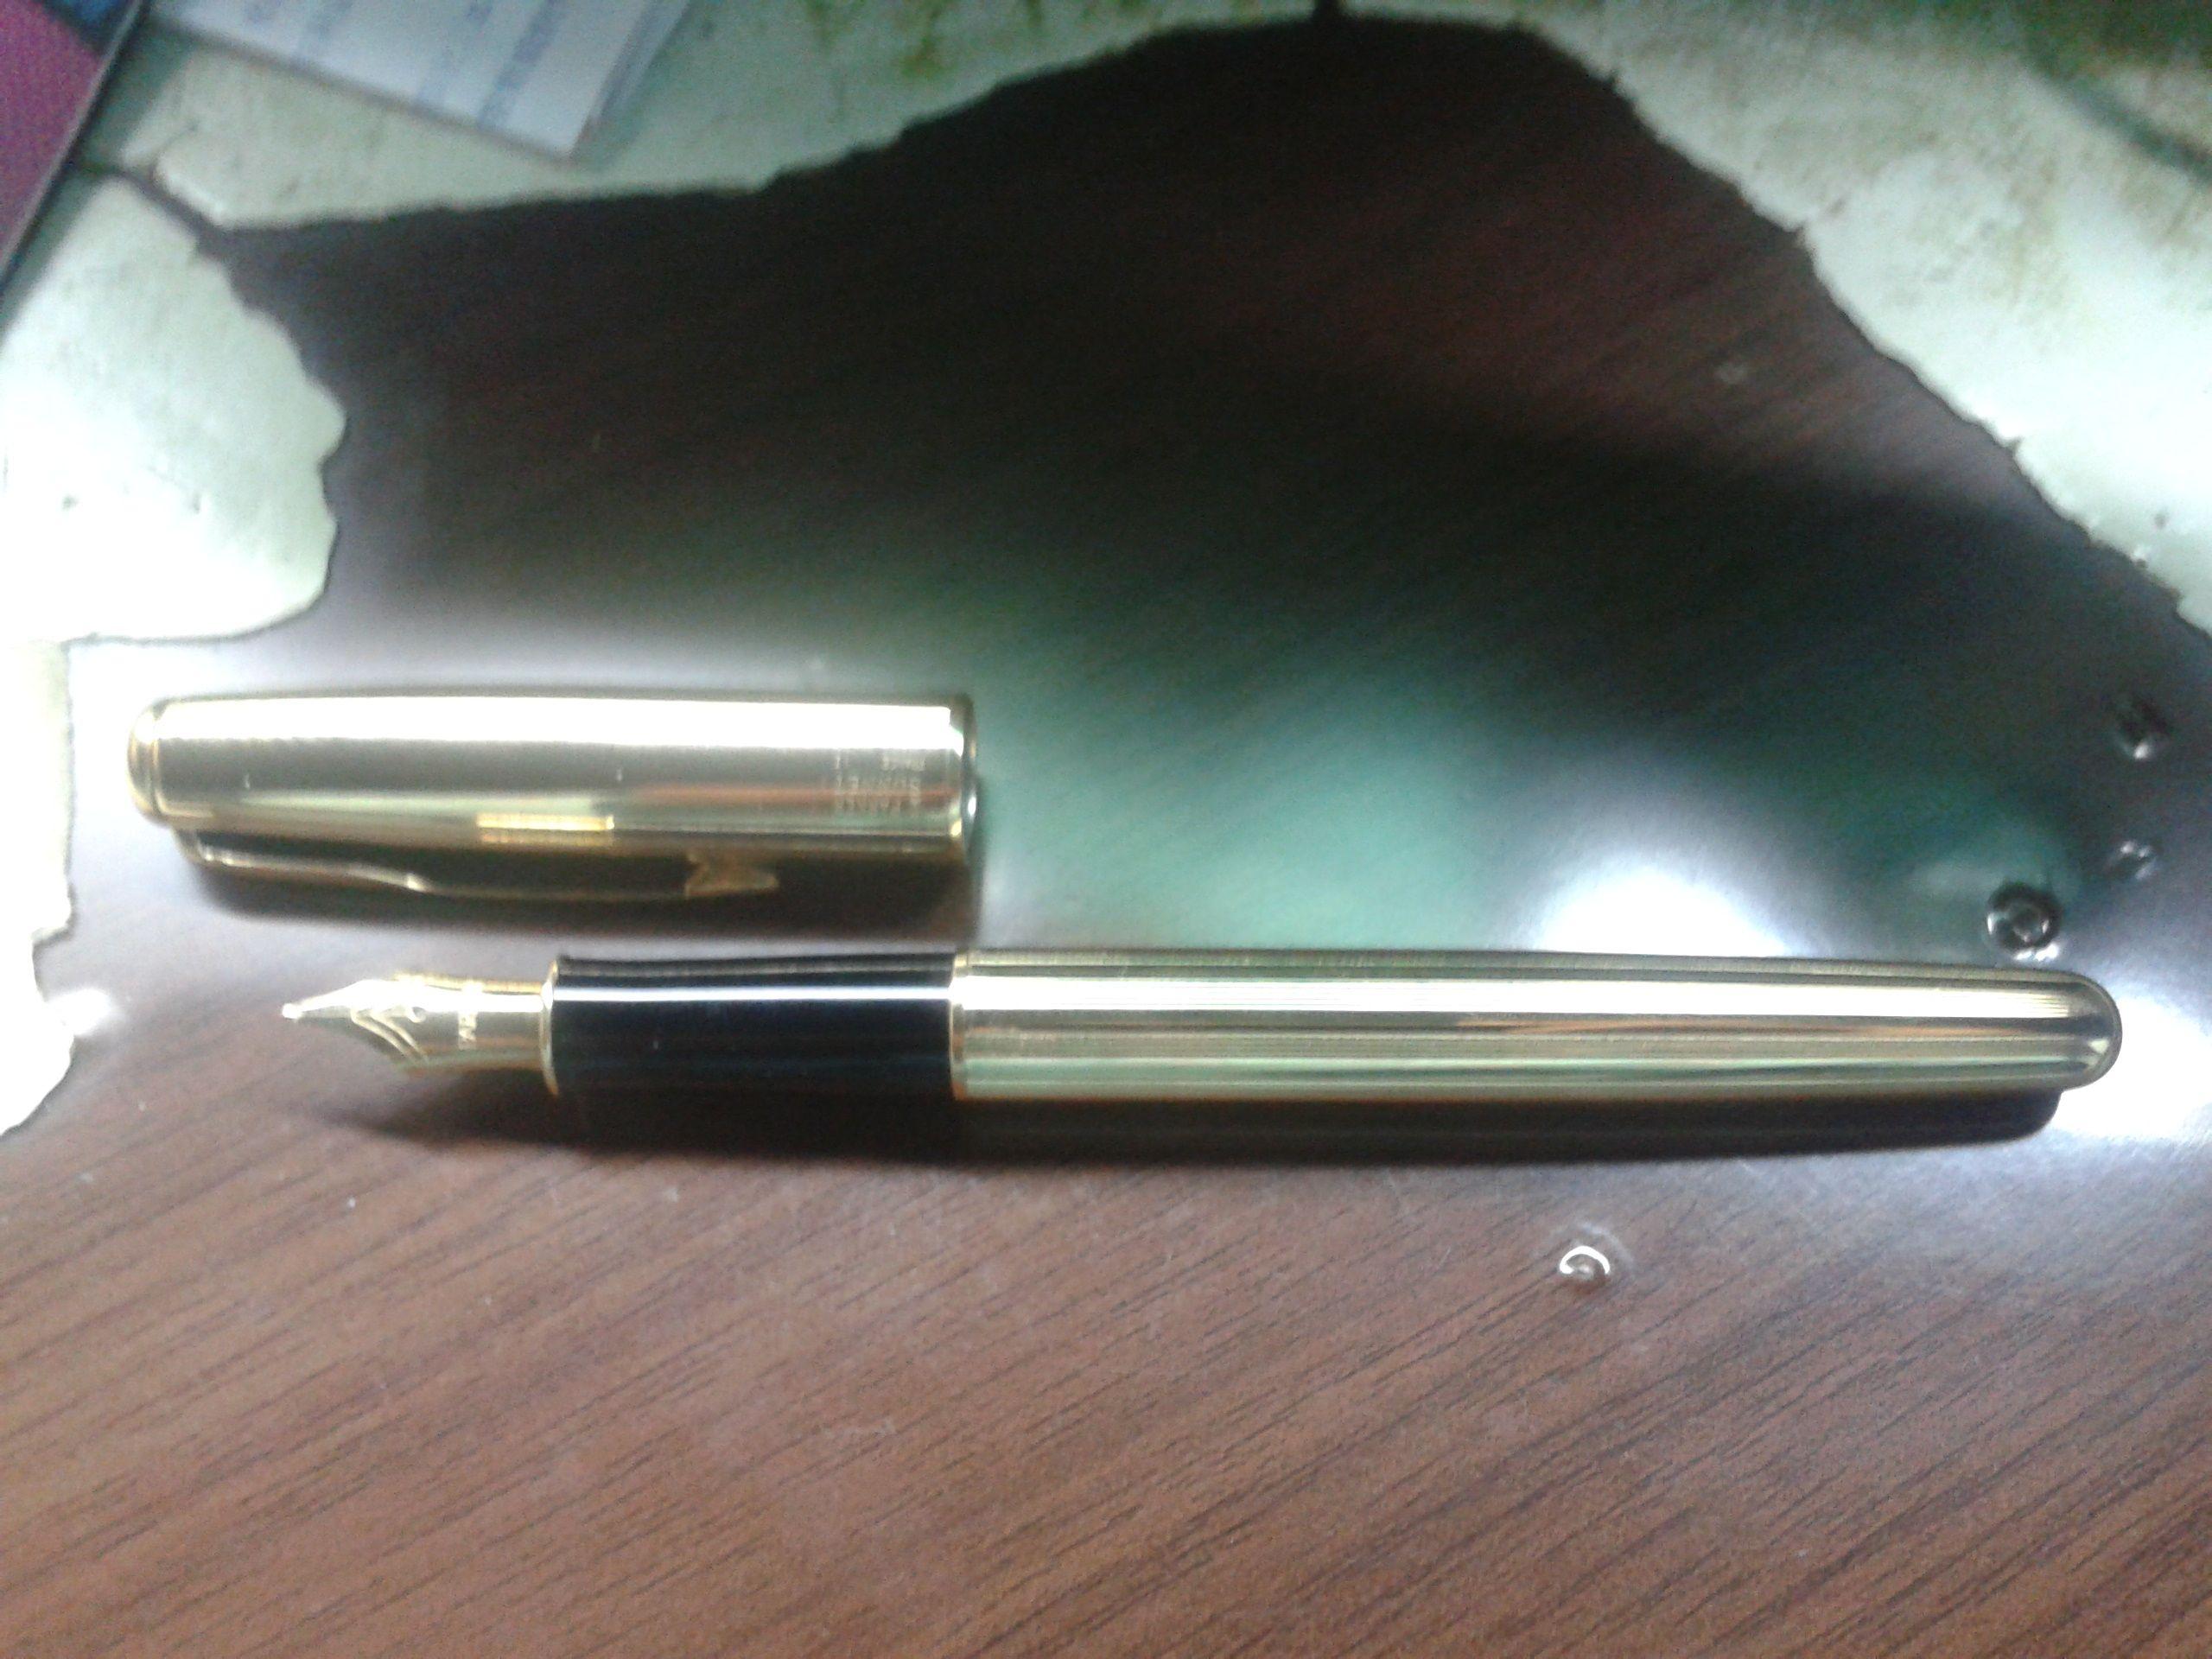 我有一只派克卓尔的钢笔 应该是老款的 请大家给看看是哪高清图片